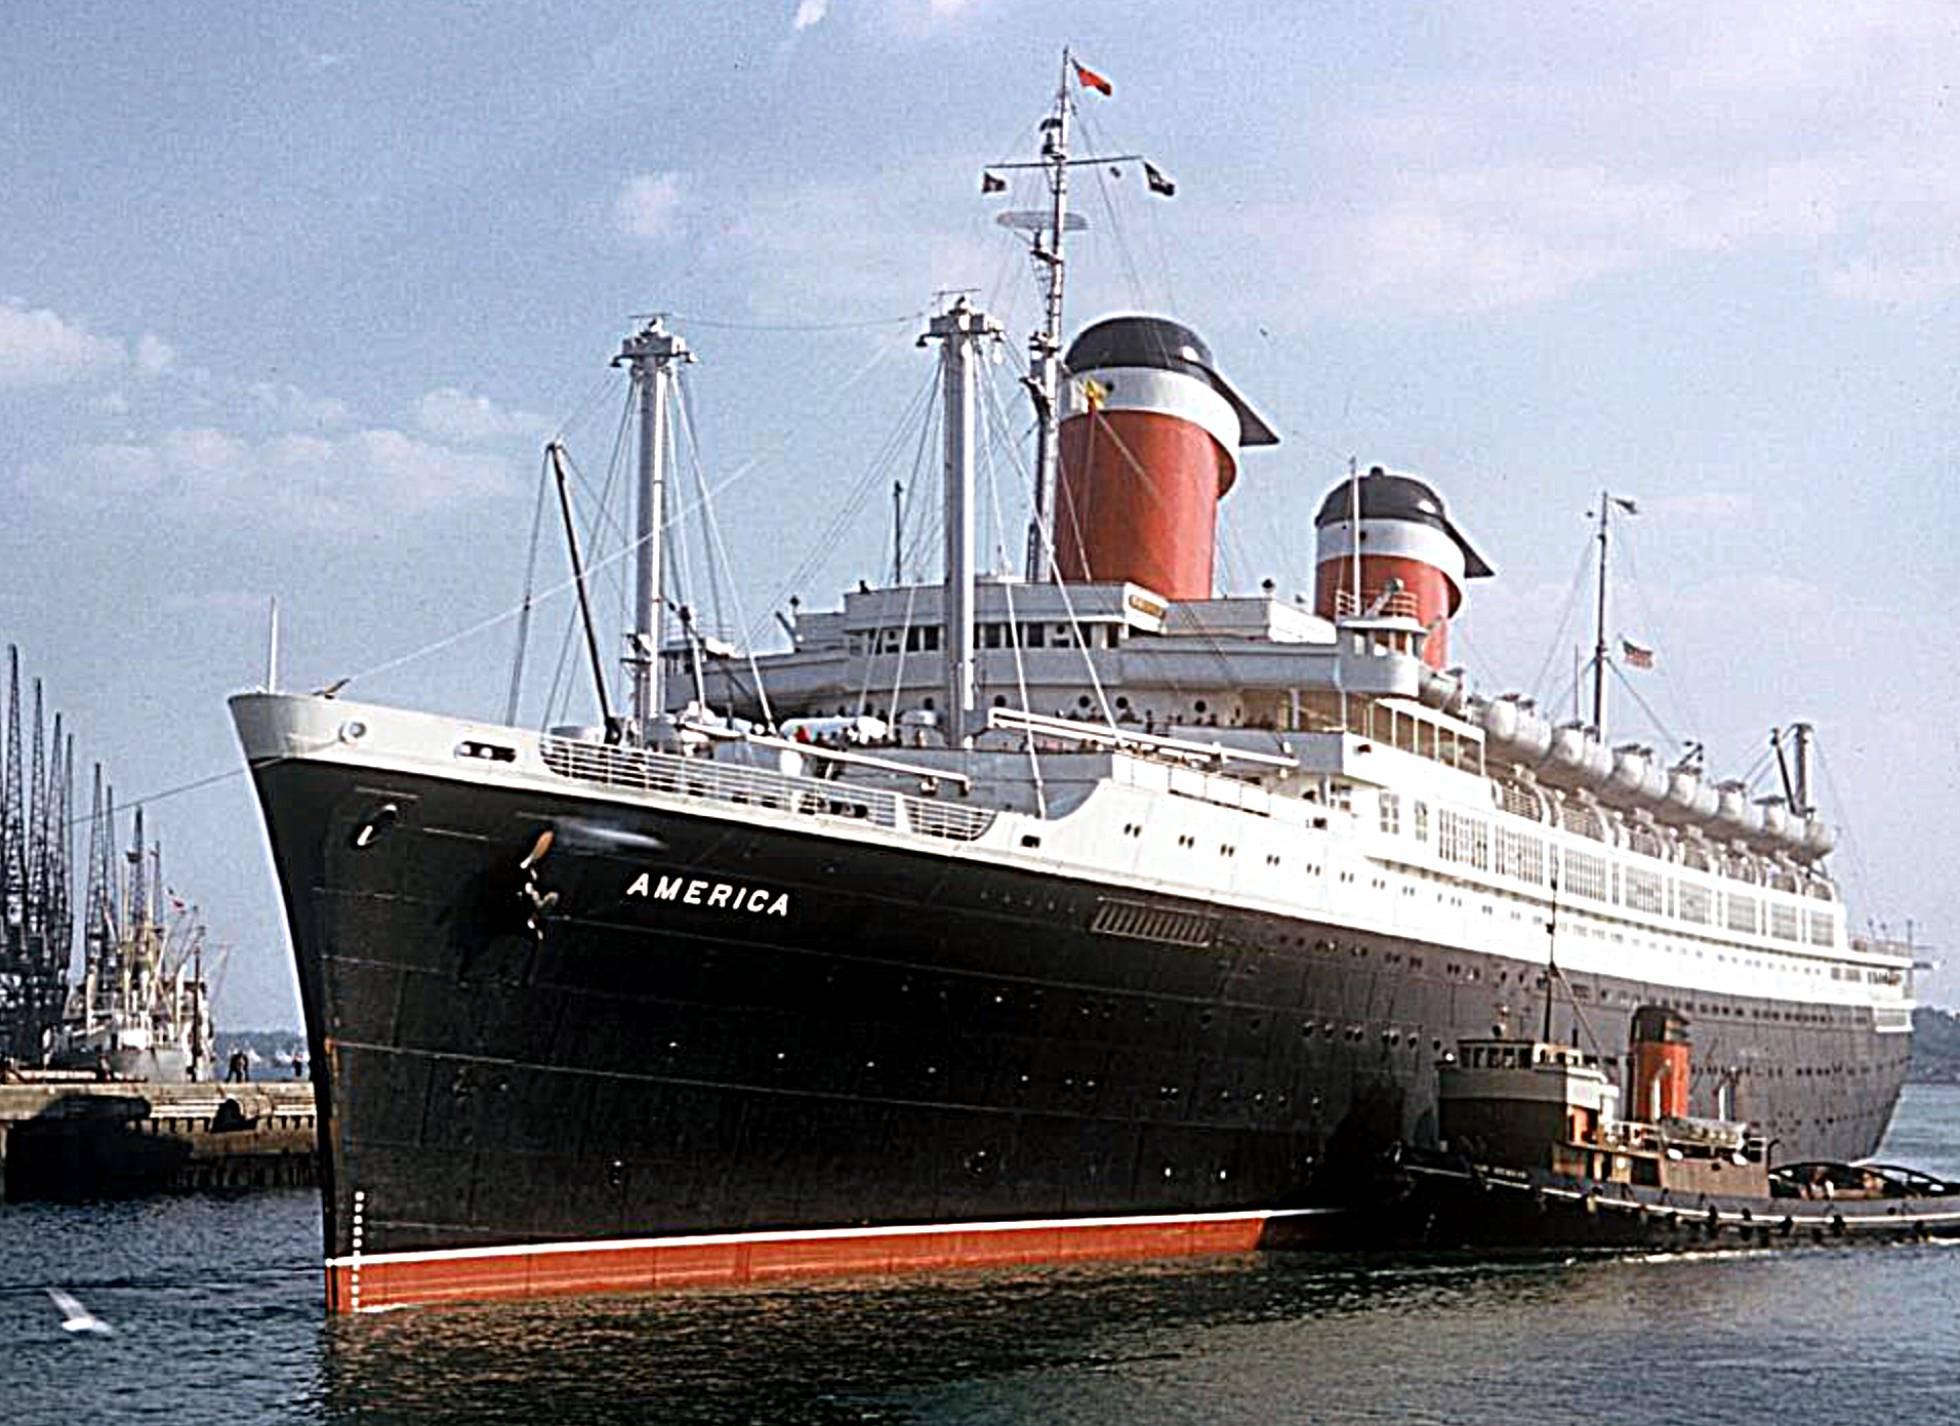 El SS American en sus tiempos de gloria, entrando en el puerto de South Hampton (Inglaterra).